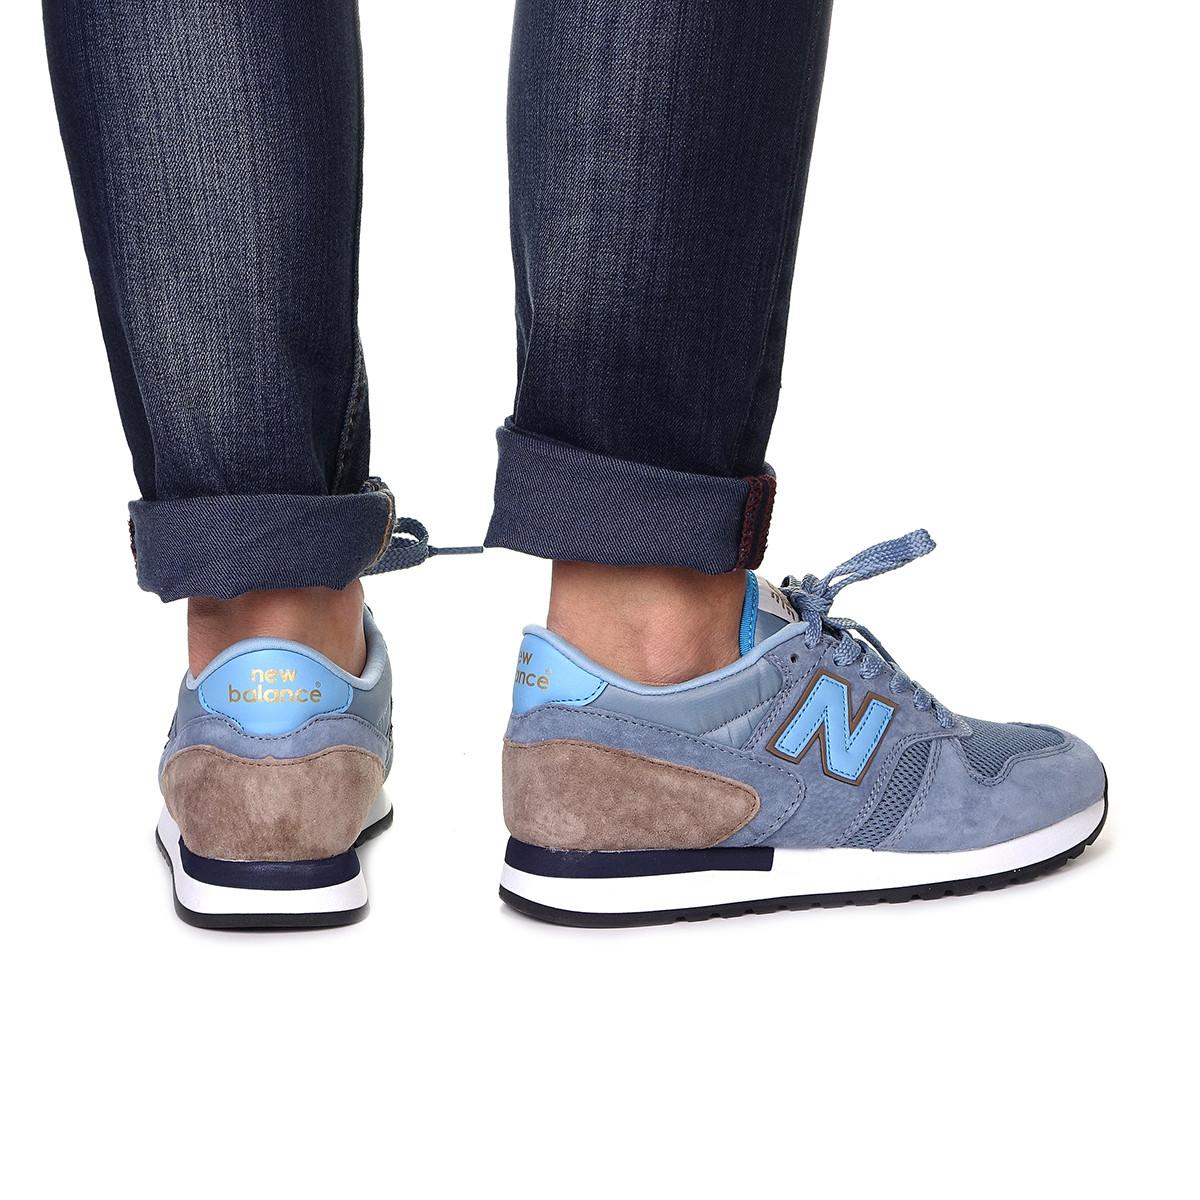 женские кроссовки new balance 770 « Интернет-Аутлет женской обуви №1 ... 0025f88c59a